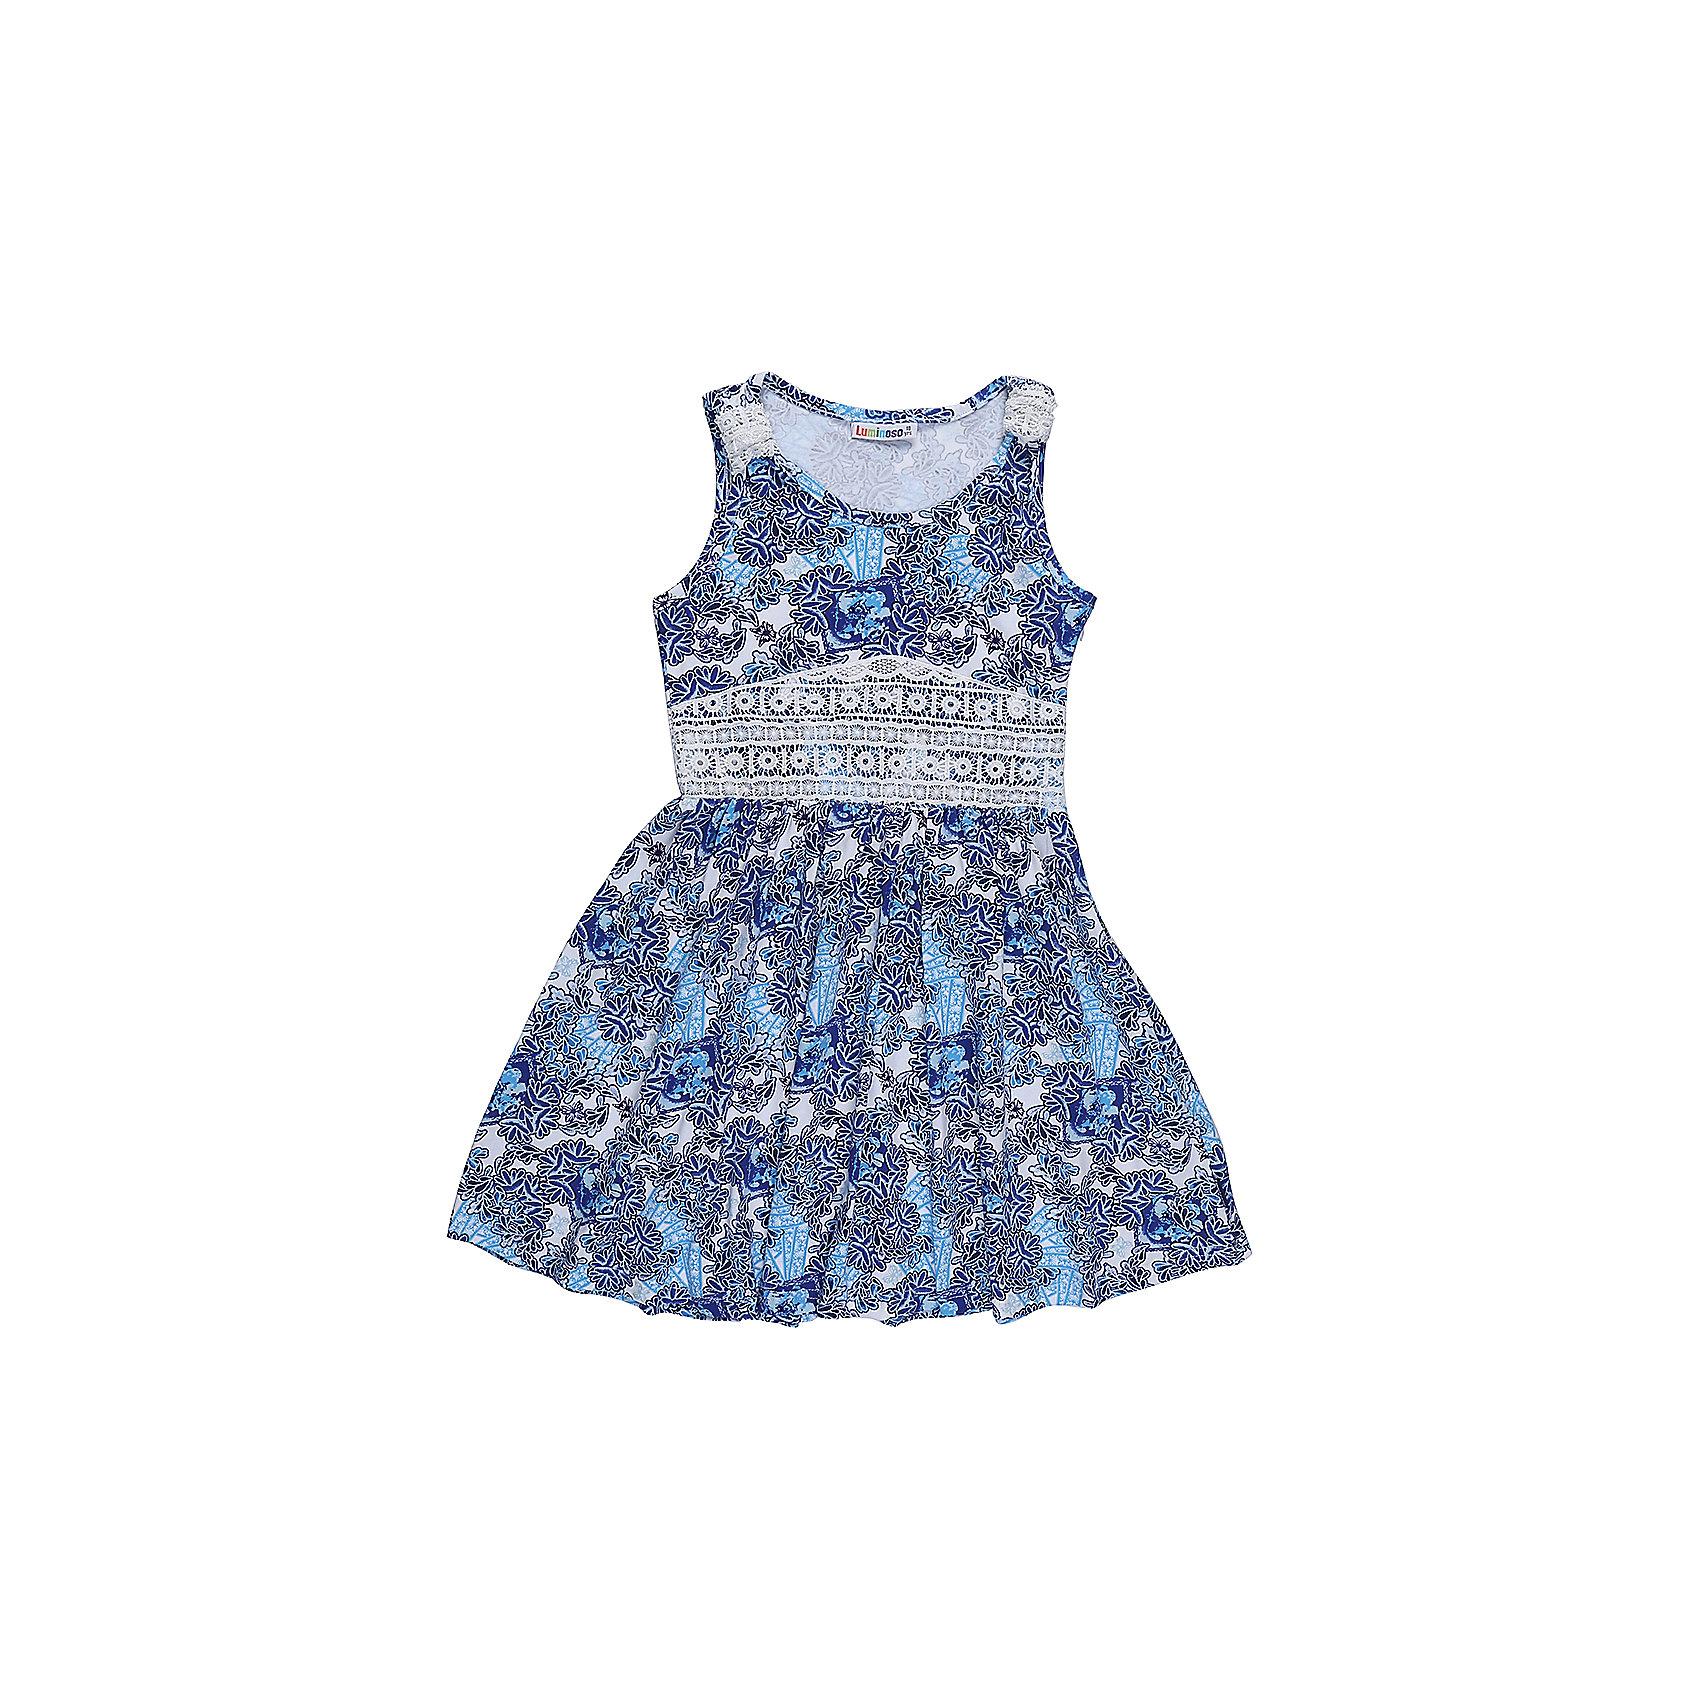 Платье для девочки LuminosoПлатья и сарафаны<br>Трикотажное платье для девочки из принтованной ткани. Пояс платья декорирован контрастным кружевным плетением. Приталенный крой.<br>Состав:<br>95%хлопок 5%эластан<br><br>Ширина мм: 236<br>Глубина мм: 16<br>Высота мм: 184<br>Вес г: 177<br>Цвет: голубой<br>Возраст от месяцев: 132<br>Возраст до месяцев: 144<br>Пол: Женский<br>Возраст: Детский<br>Размер: 152,140,146,134,164,158<br>SKU: 5413021